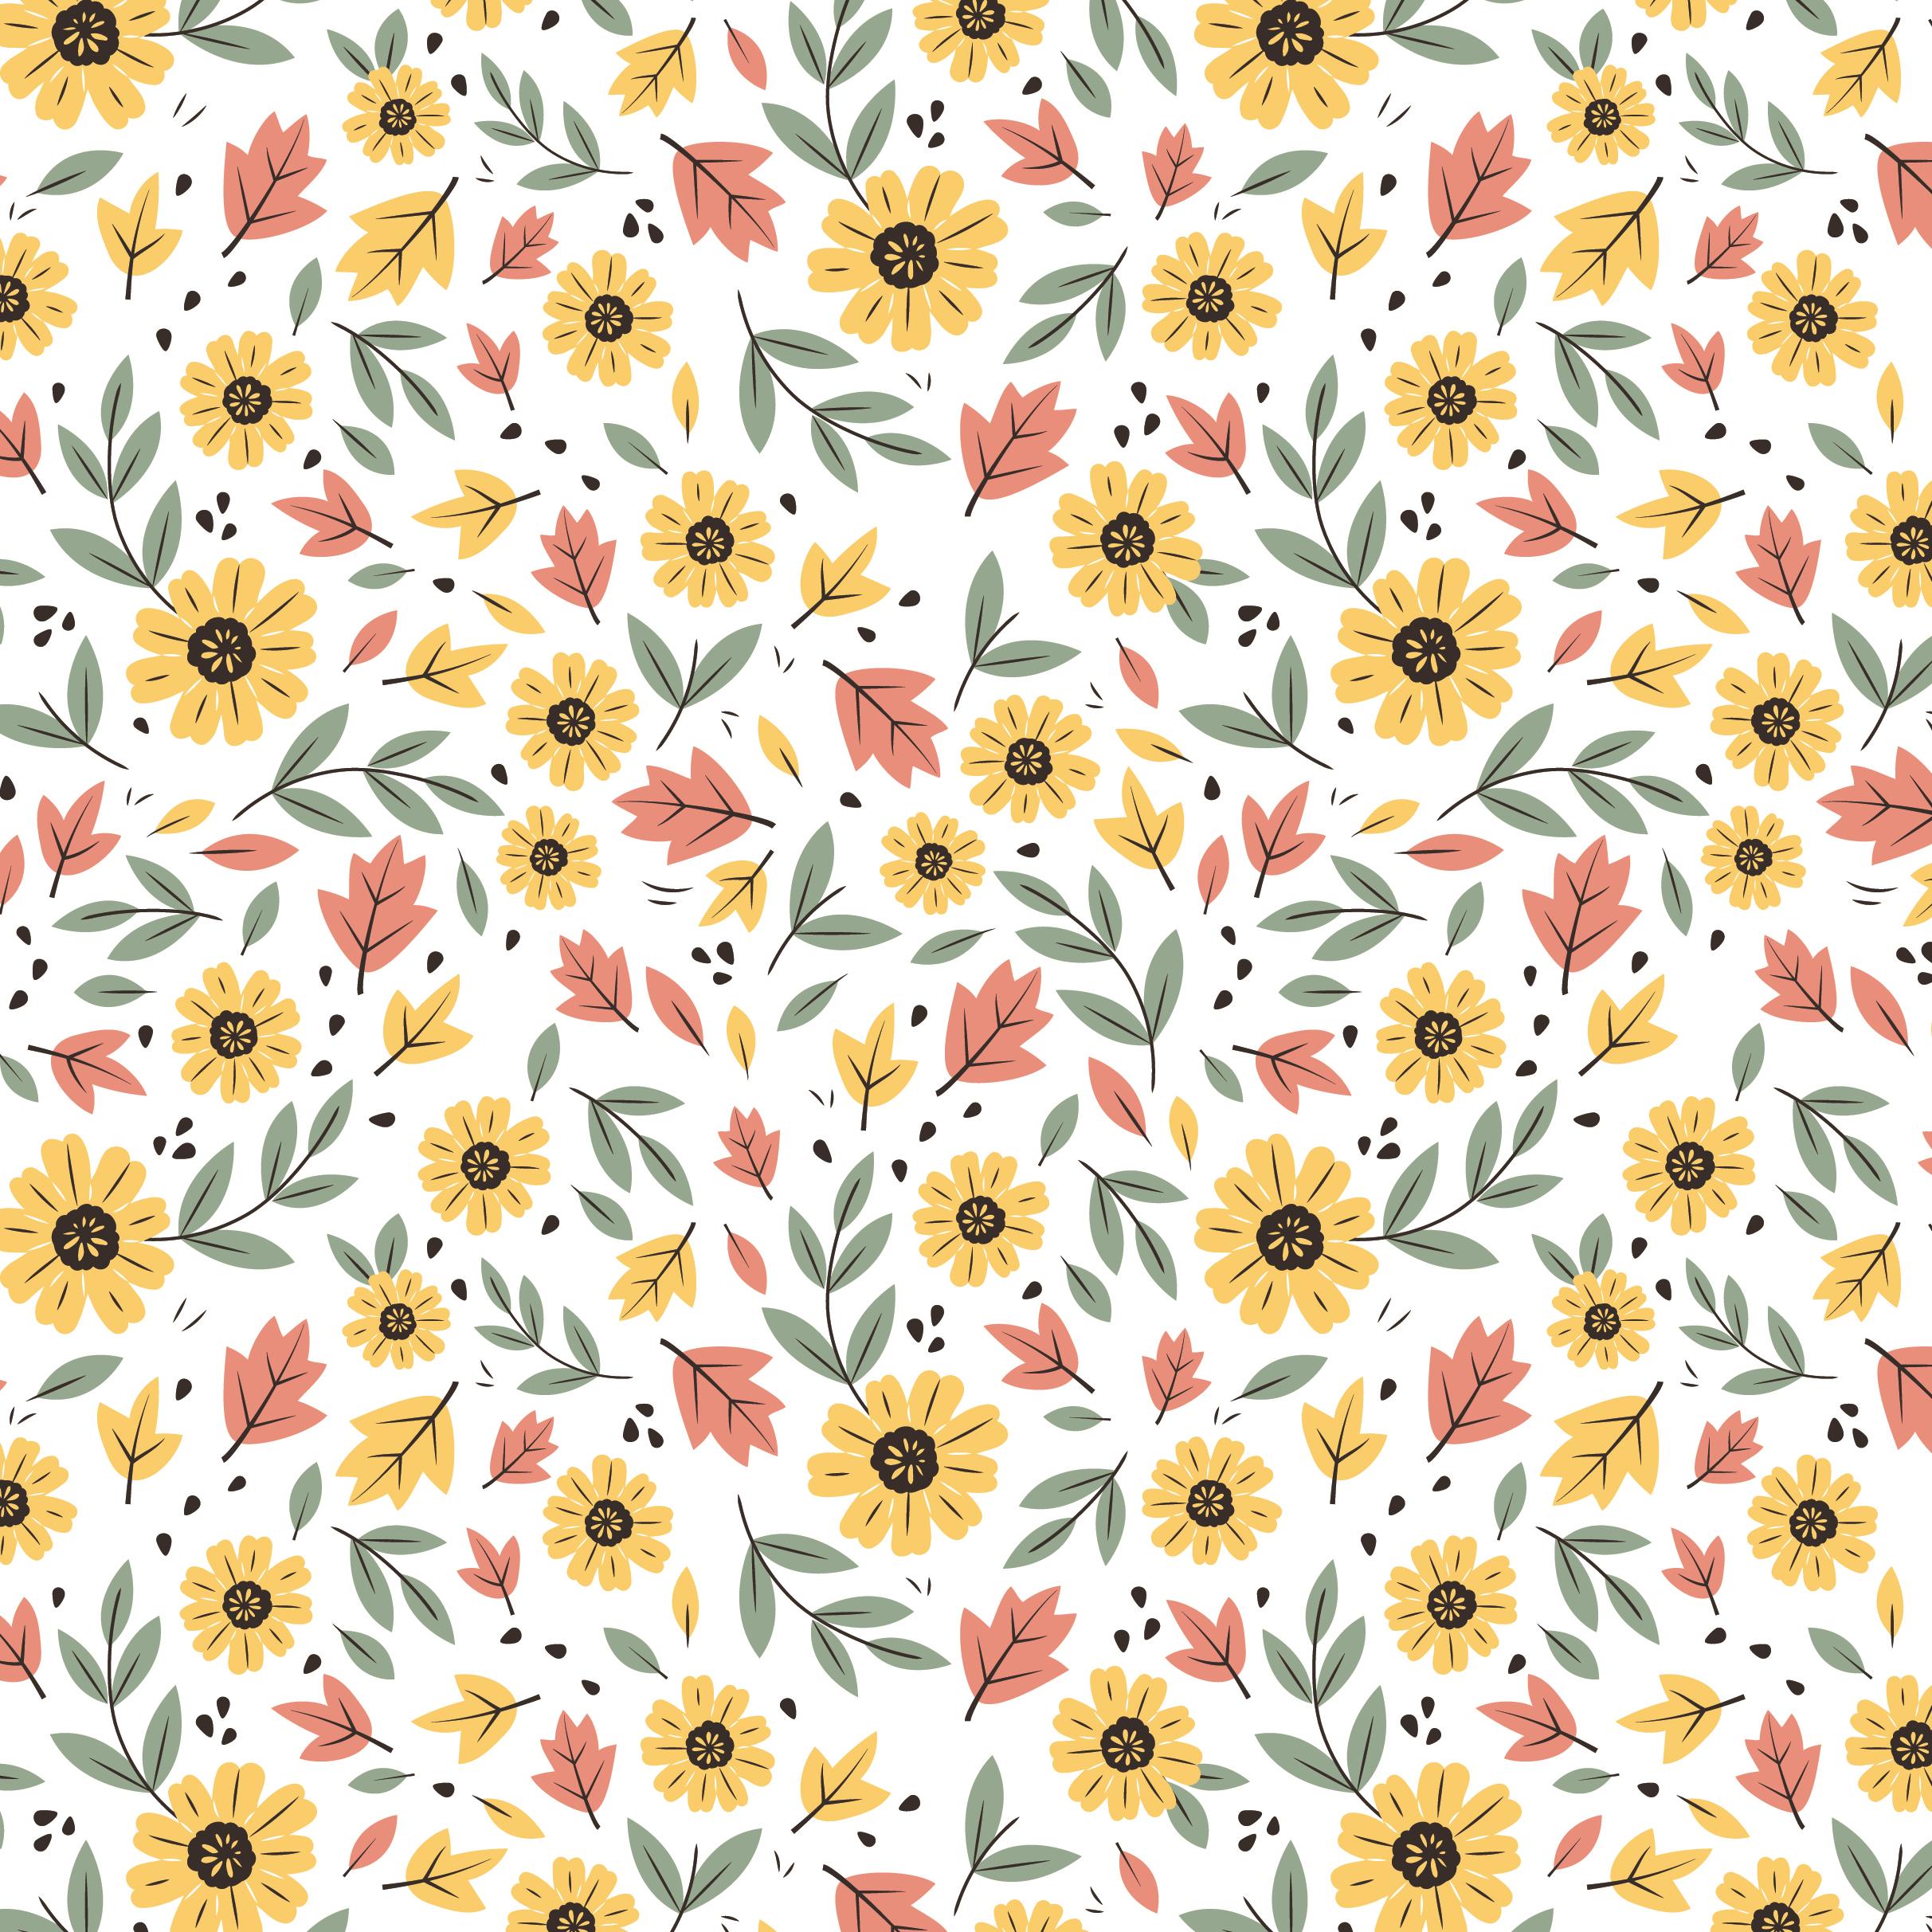 Sunflower Ditsy-01.jpg